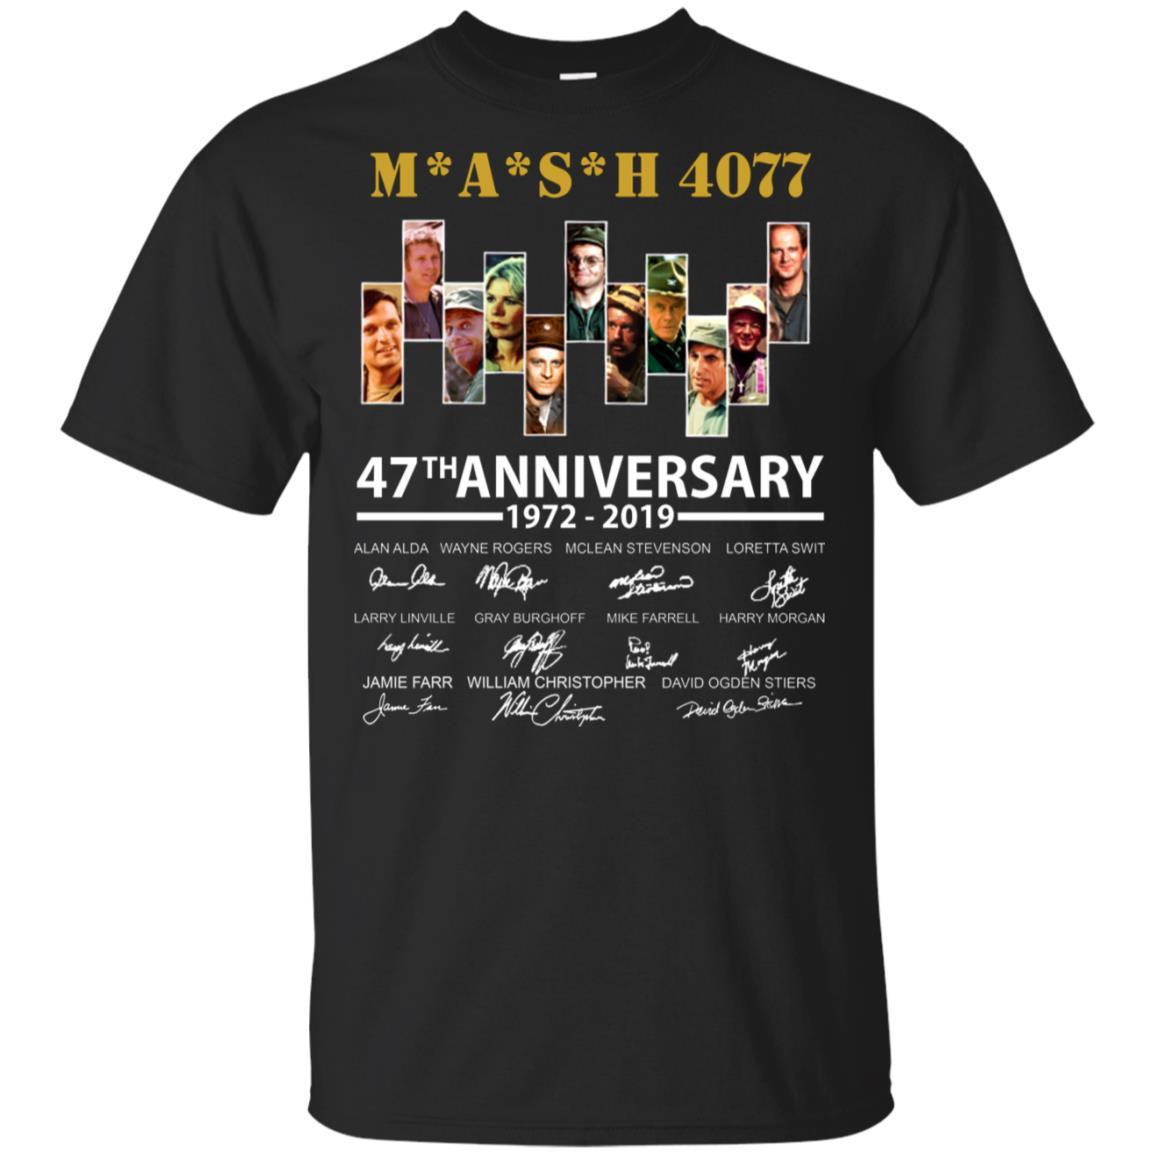 Mash 4077 47 Anniversary Shirt